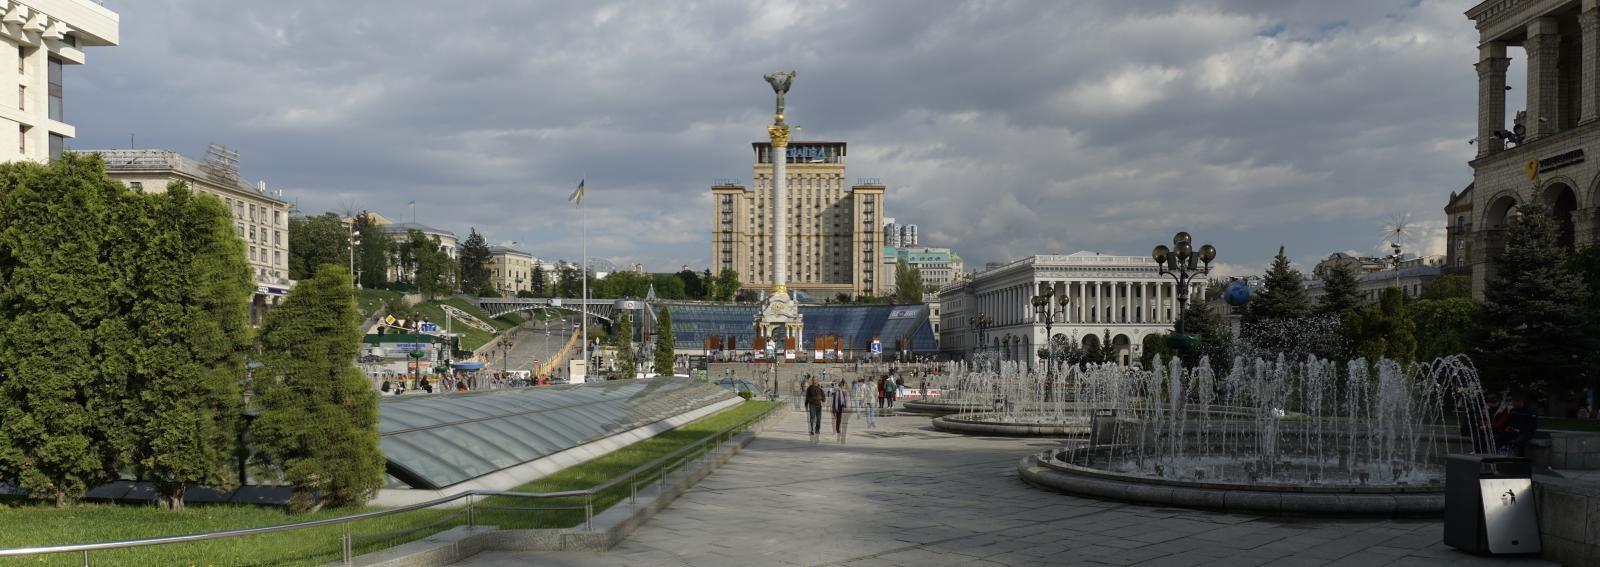 Náměstí Nezávislosti - Majdan